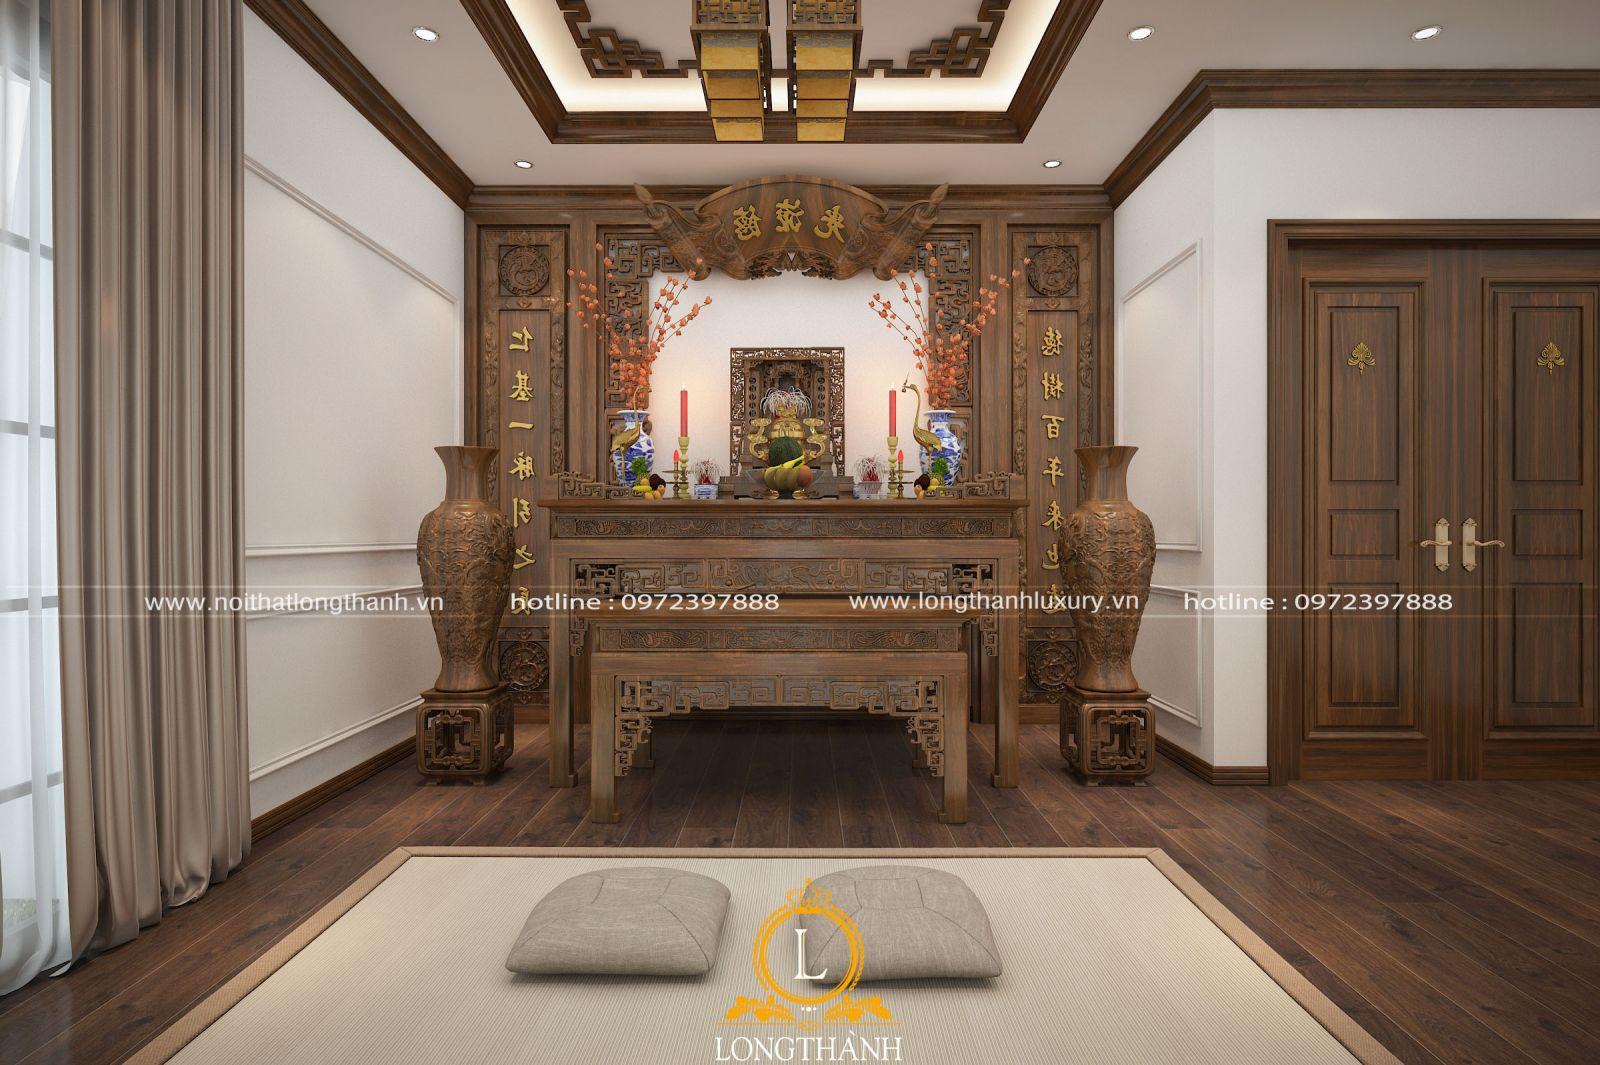 Rèm phòng thờ bằng vải cho không gian thêm phần riêng tư